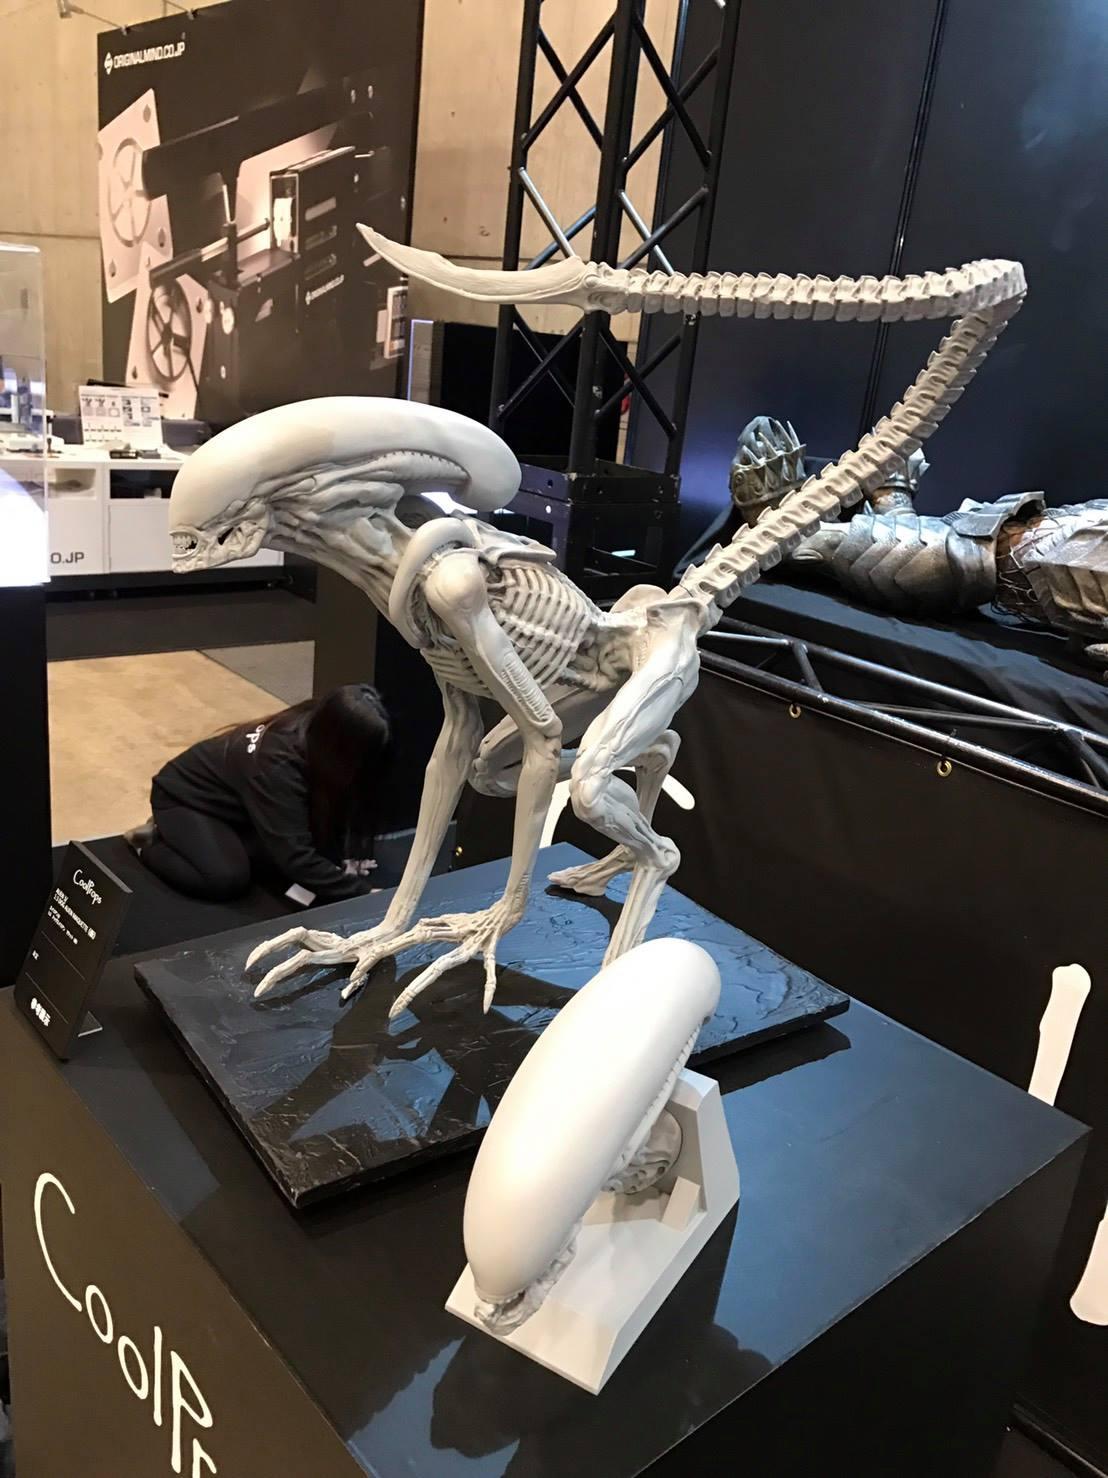 Jimsmash Cool Props Alien Stuff